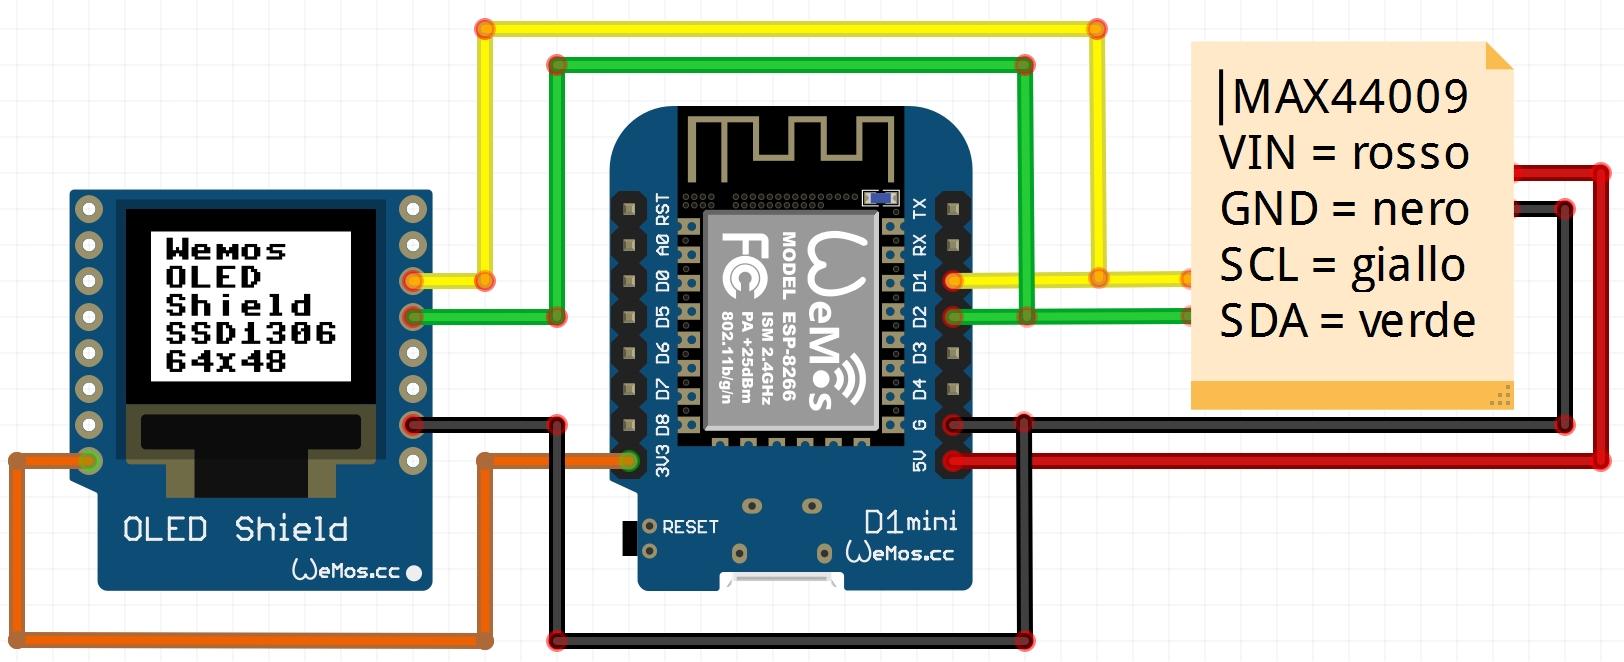 Luxmetro WiFi WeMos schema